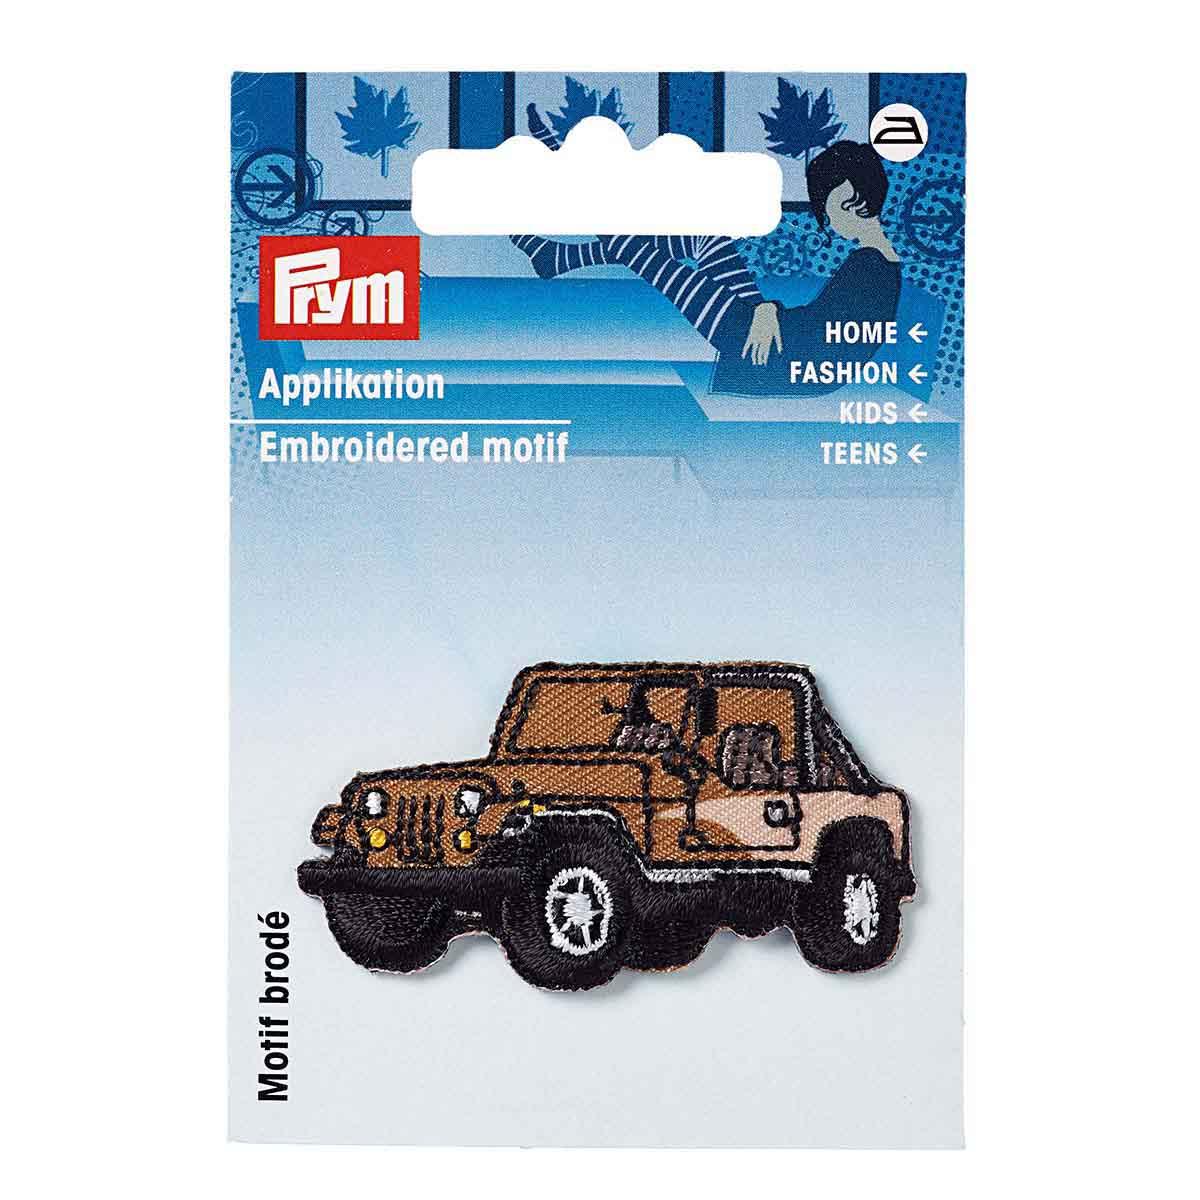 923144 Термоаппликация 'Джип' коричневый/черный 1шт Prym